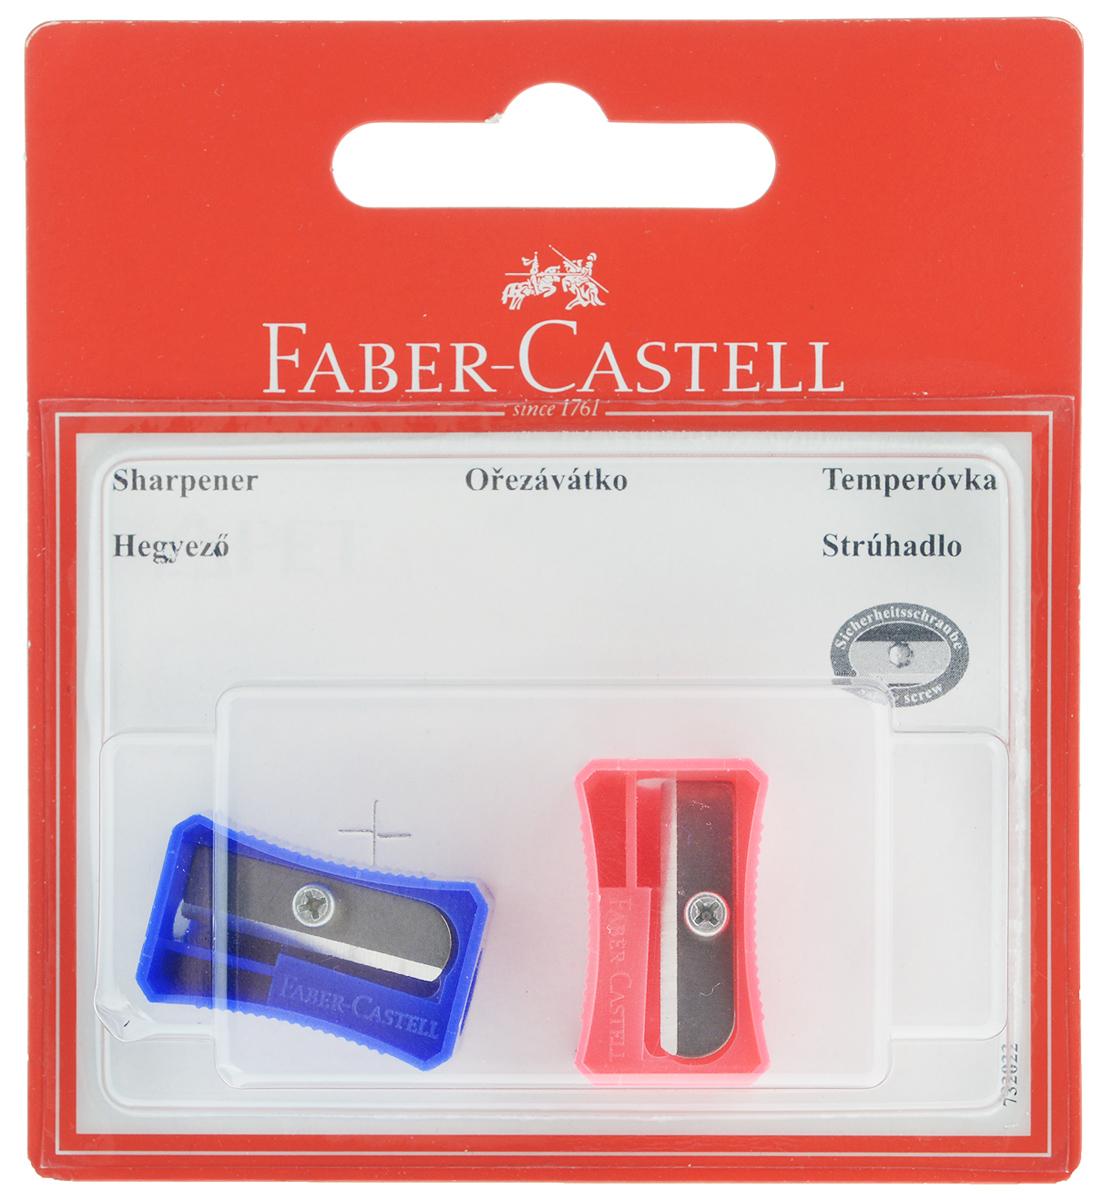 Faber-Castell Точилка цвет синий розовый 2 шт72523WDНабор точилок Faber-Castell предназначен для затачивания классических простых и цветных карандашей. В наборе две точилки из прочного пластика с рифленой областью захвата. Острые стальные лезвия обеспечивают высококачественную и точную заточку деревянных карандашей.